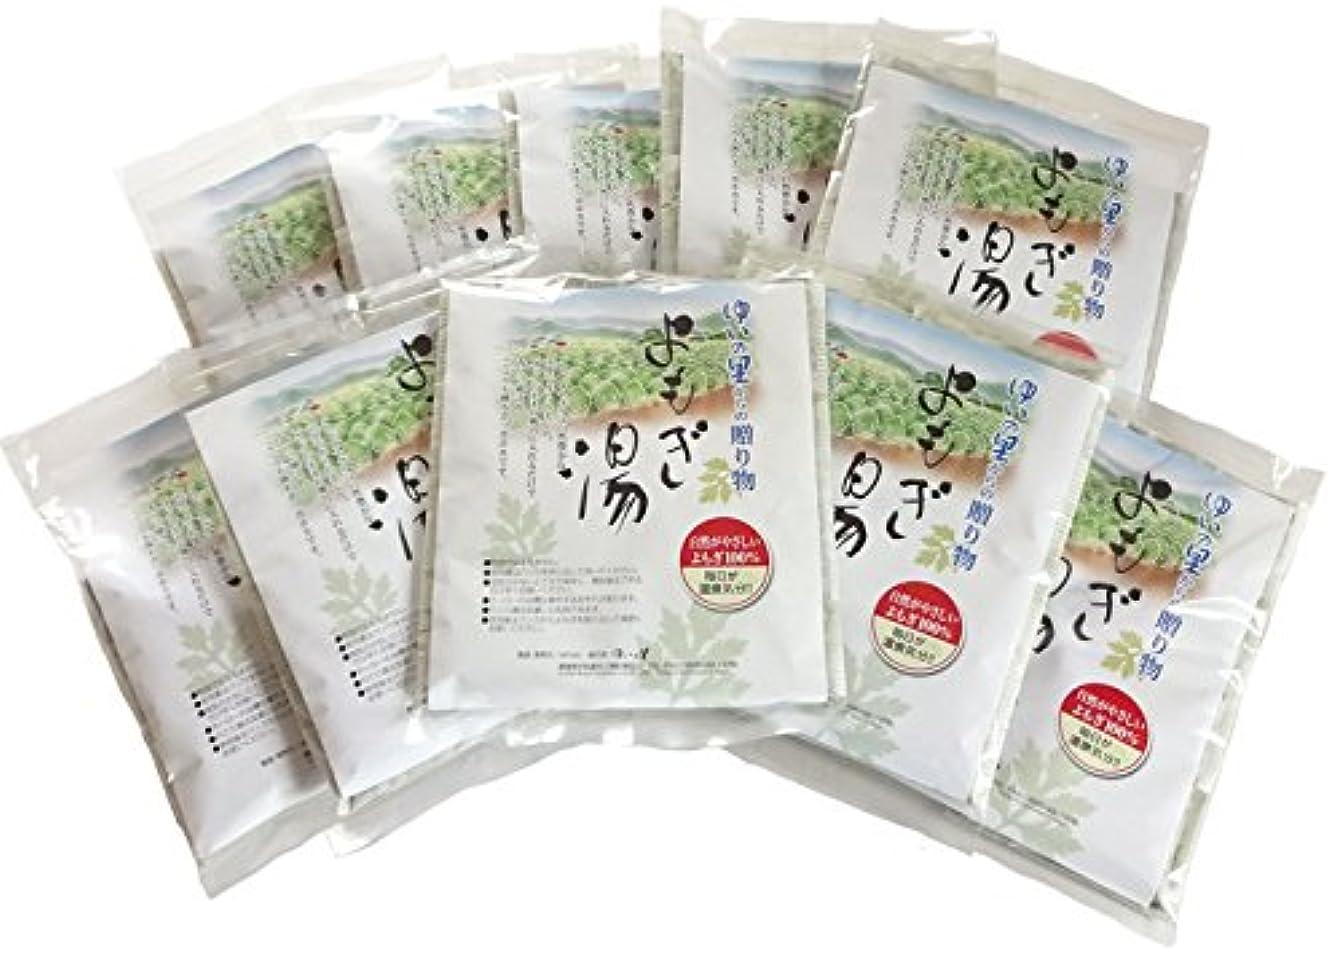 グローイタリック揮発性よもぎ湯入浴パック15袋 愛媛県産 自家栽培よもぎ100%使用